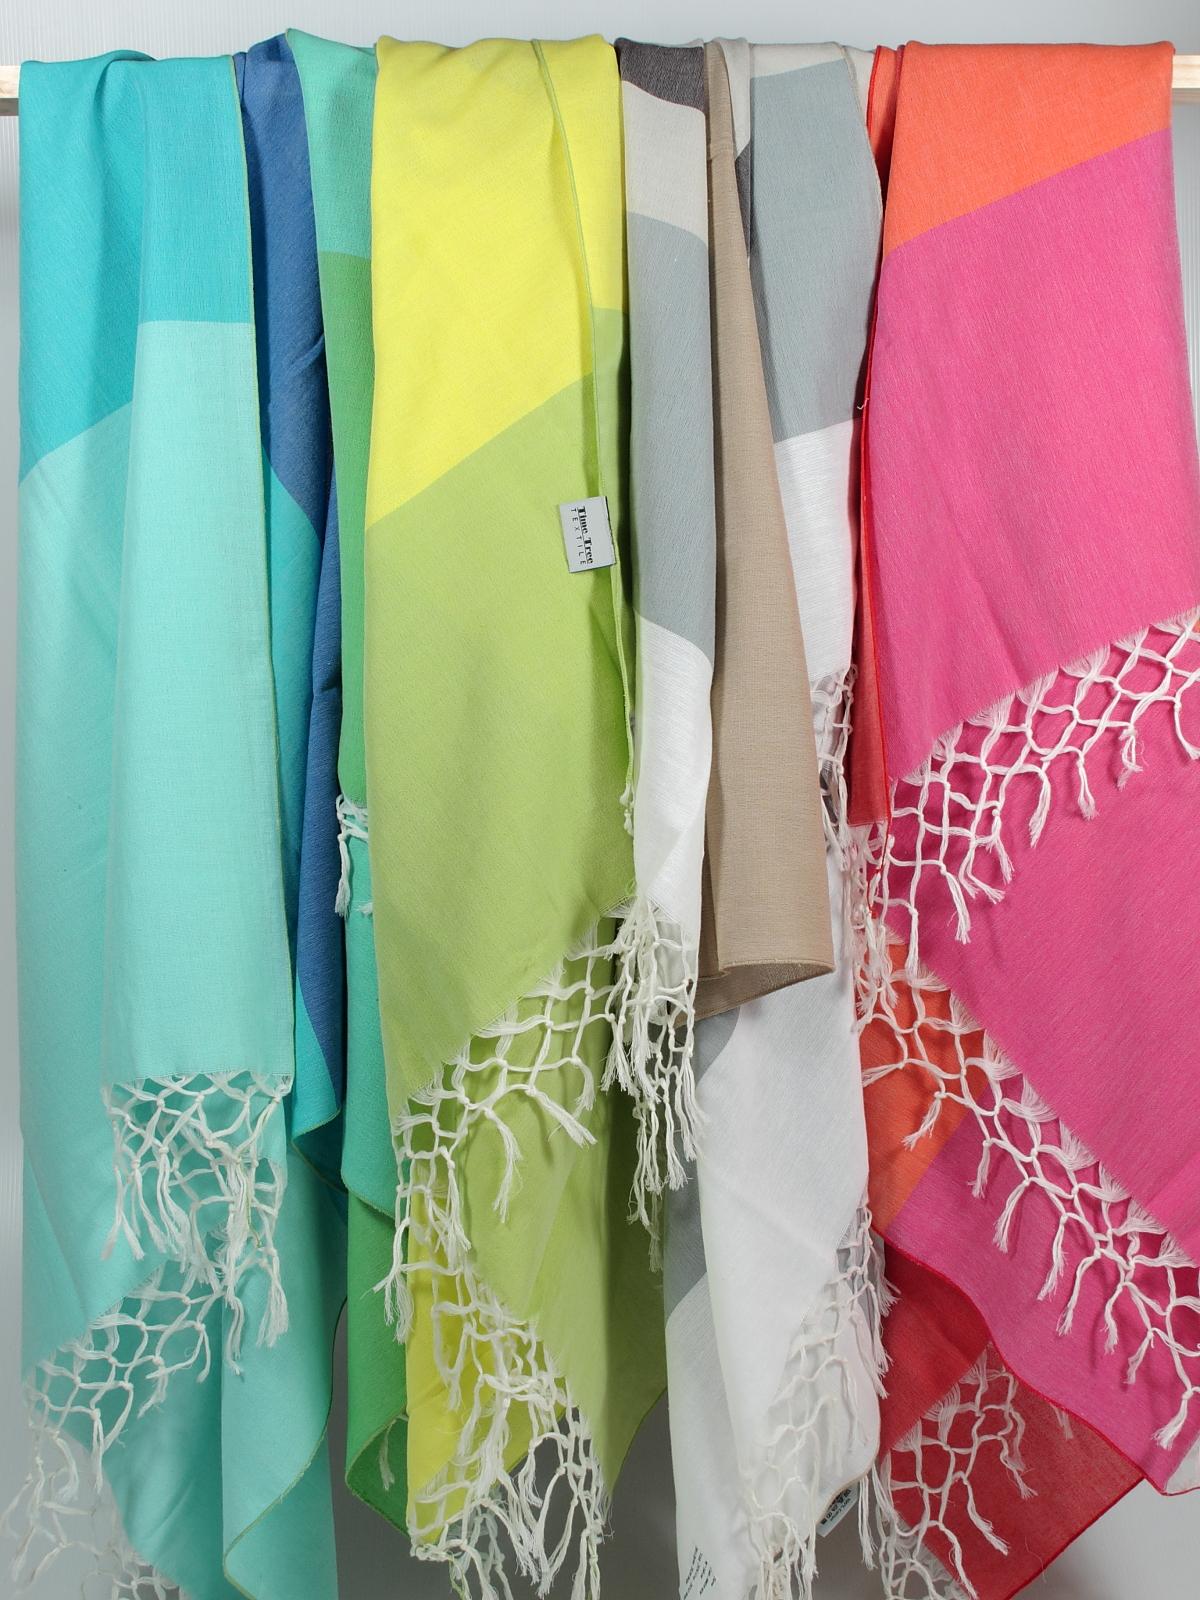 Poppy shawls